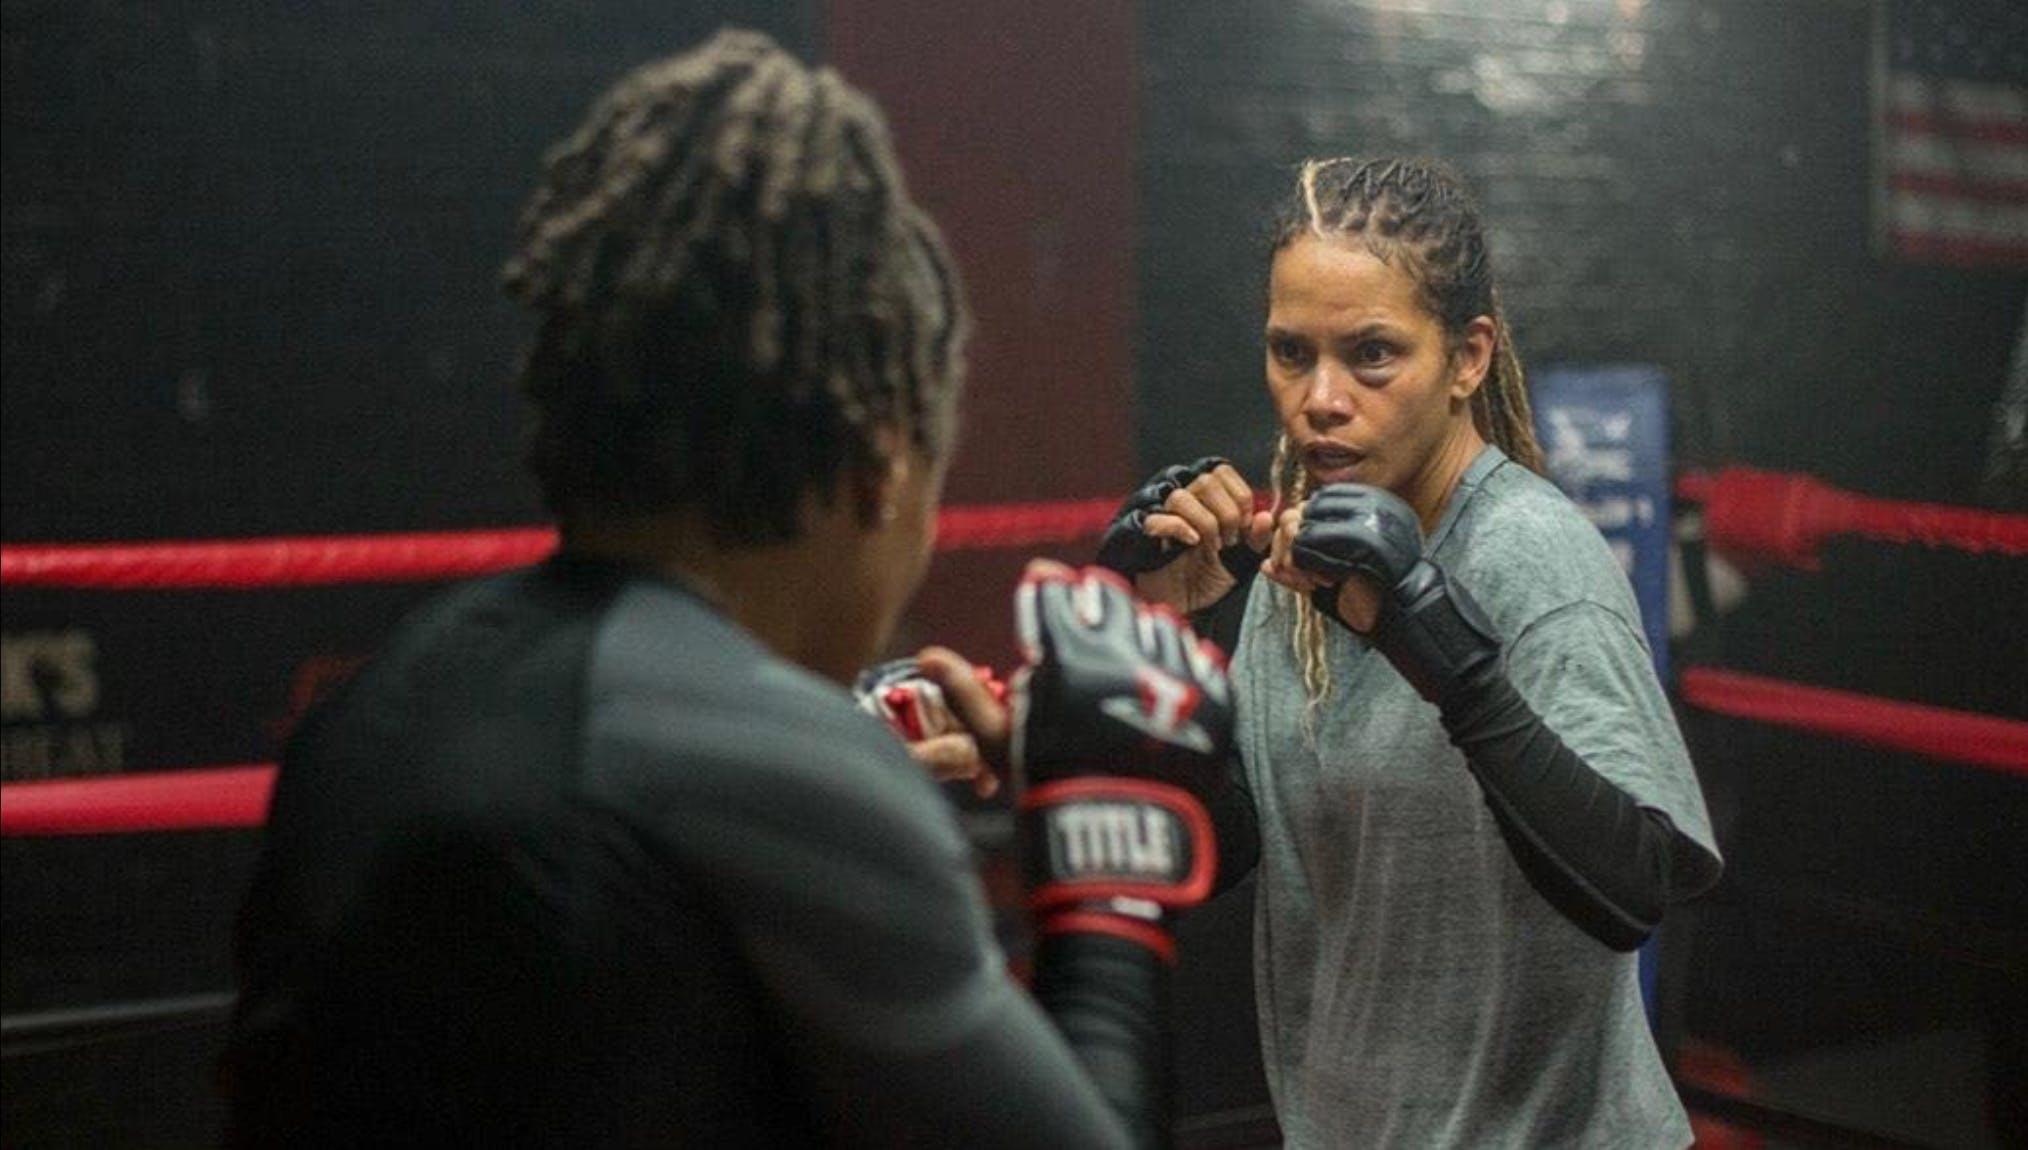 Im November stehen Halle Berry als Schauspielerin und Regisseurin von «Bruised» auf dem Programm, ...